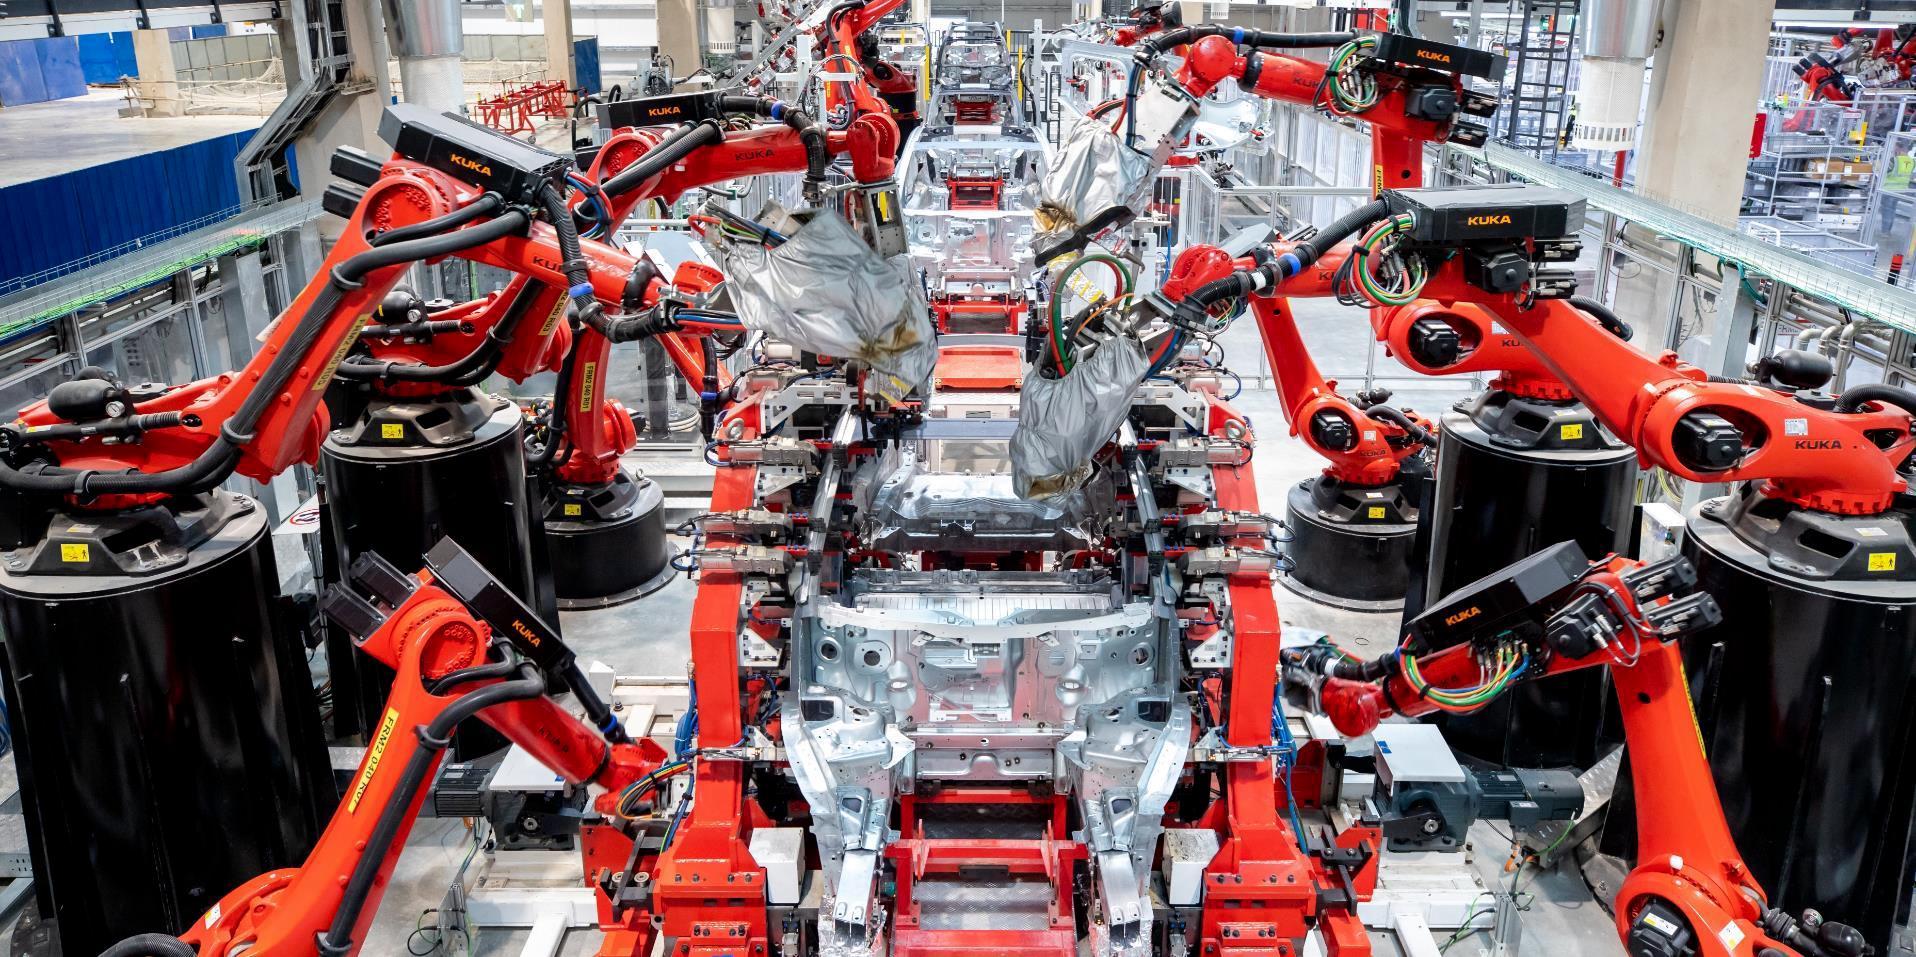 5 основных вопросов, на которые розничные инвесторы Tesla (TSLA) хотят получить ответы в отчете о доходах за первый квартал 2021 года